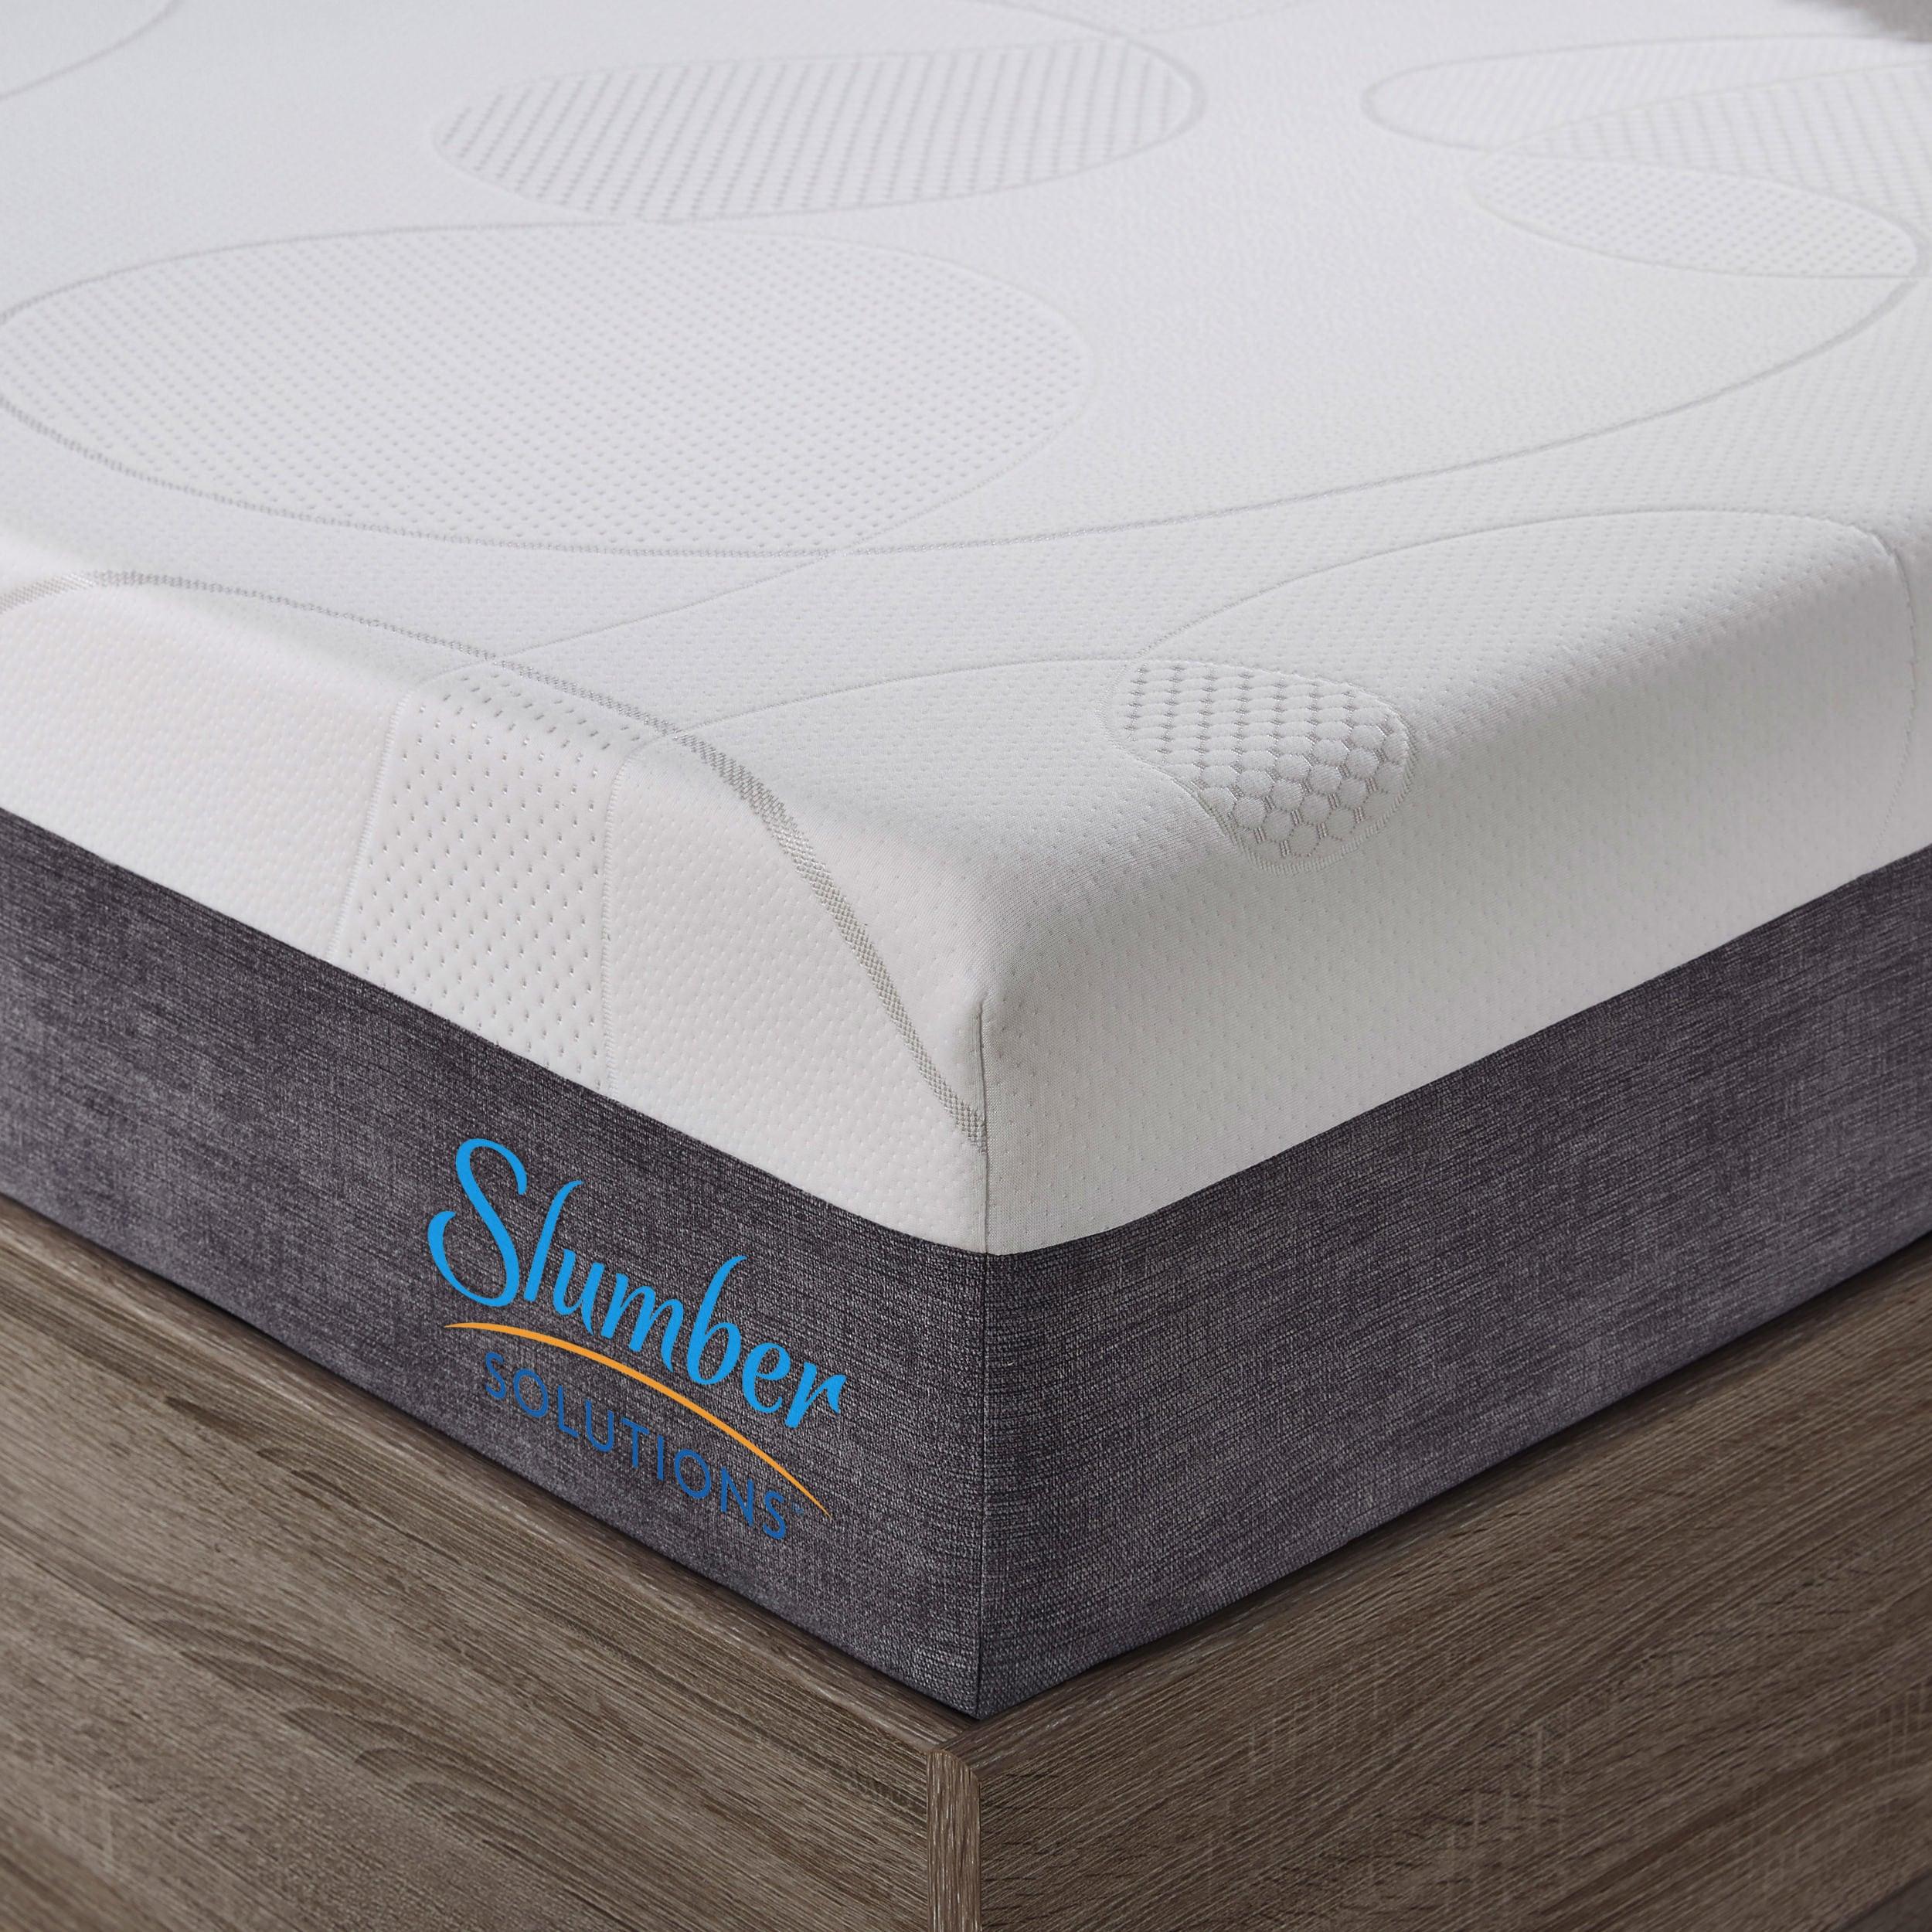 Slumber Solutions Choose Your fort 14 inch Queen size Gel